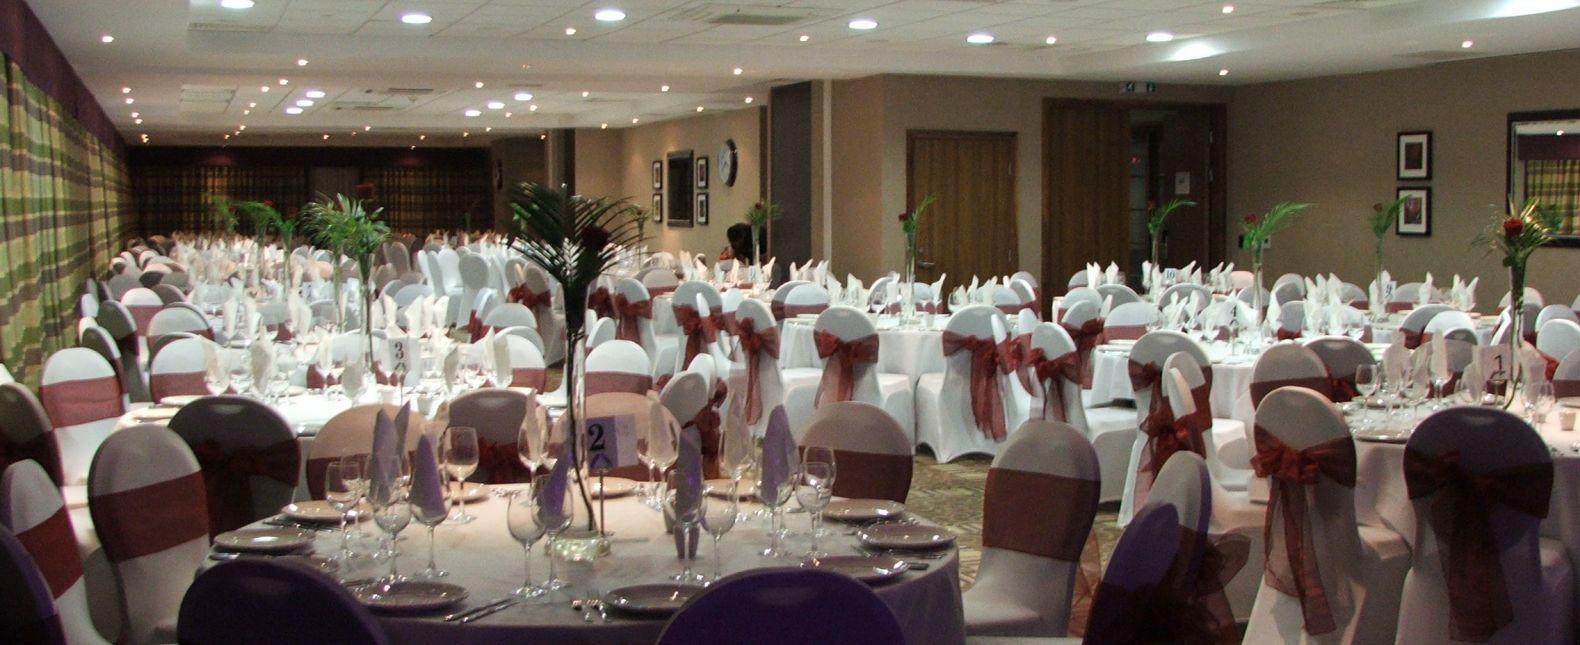 Holiday Inn , Stevenage